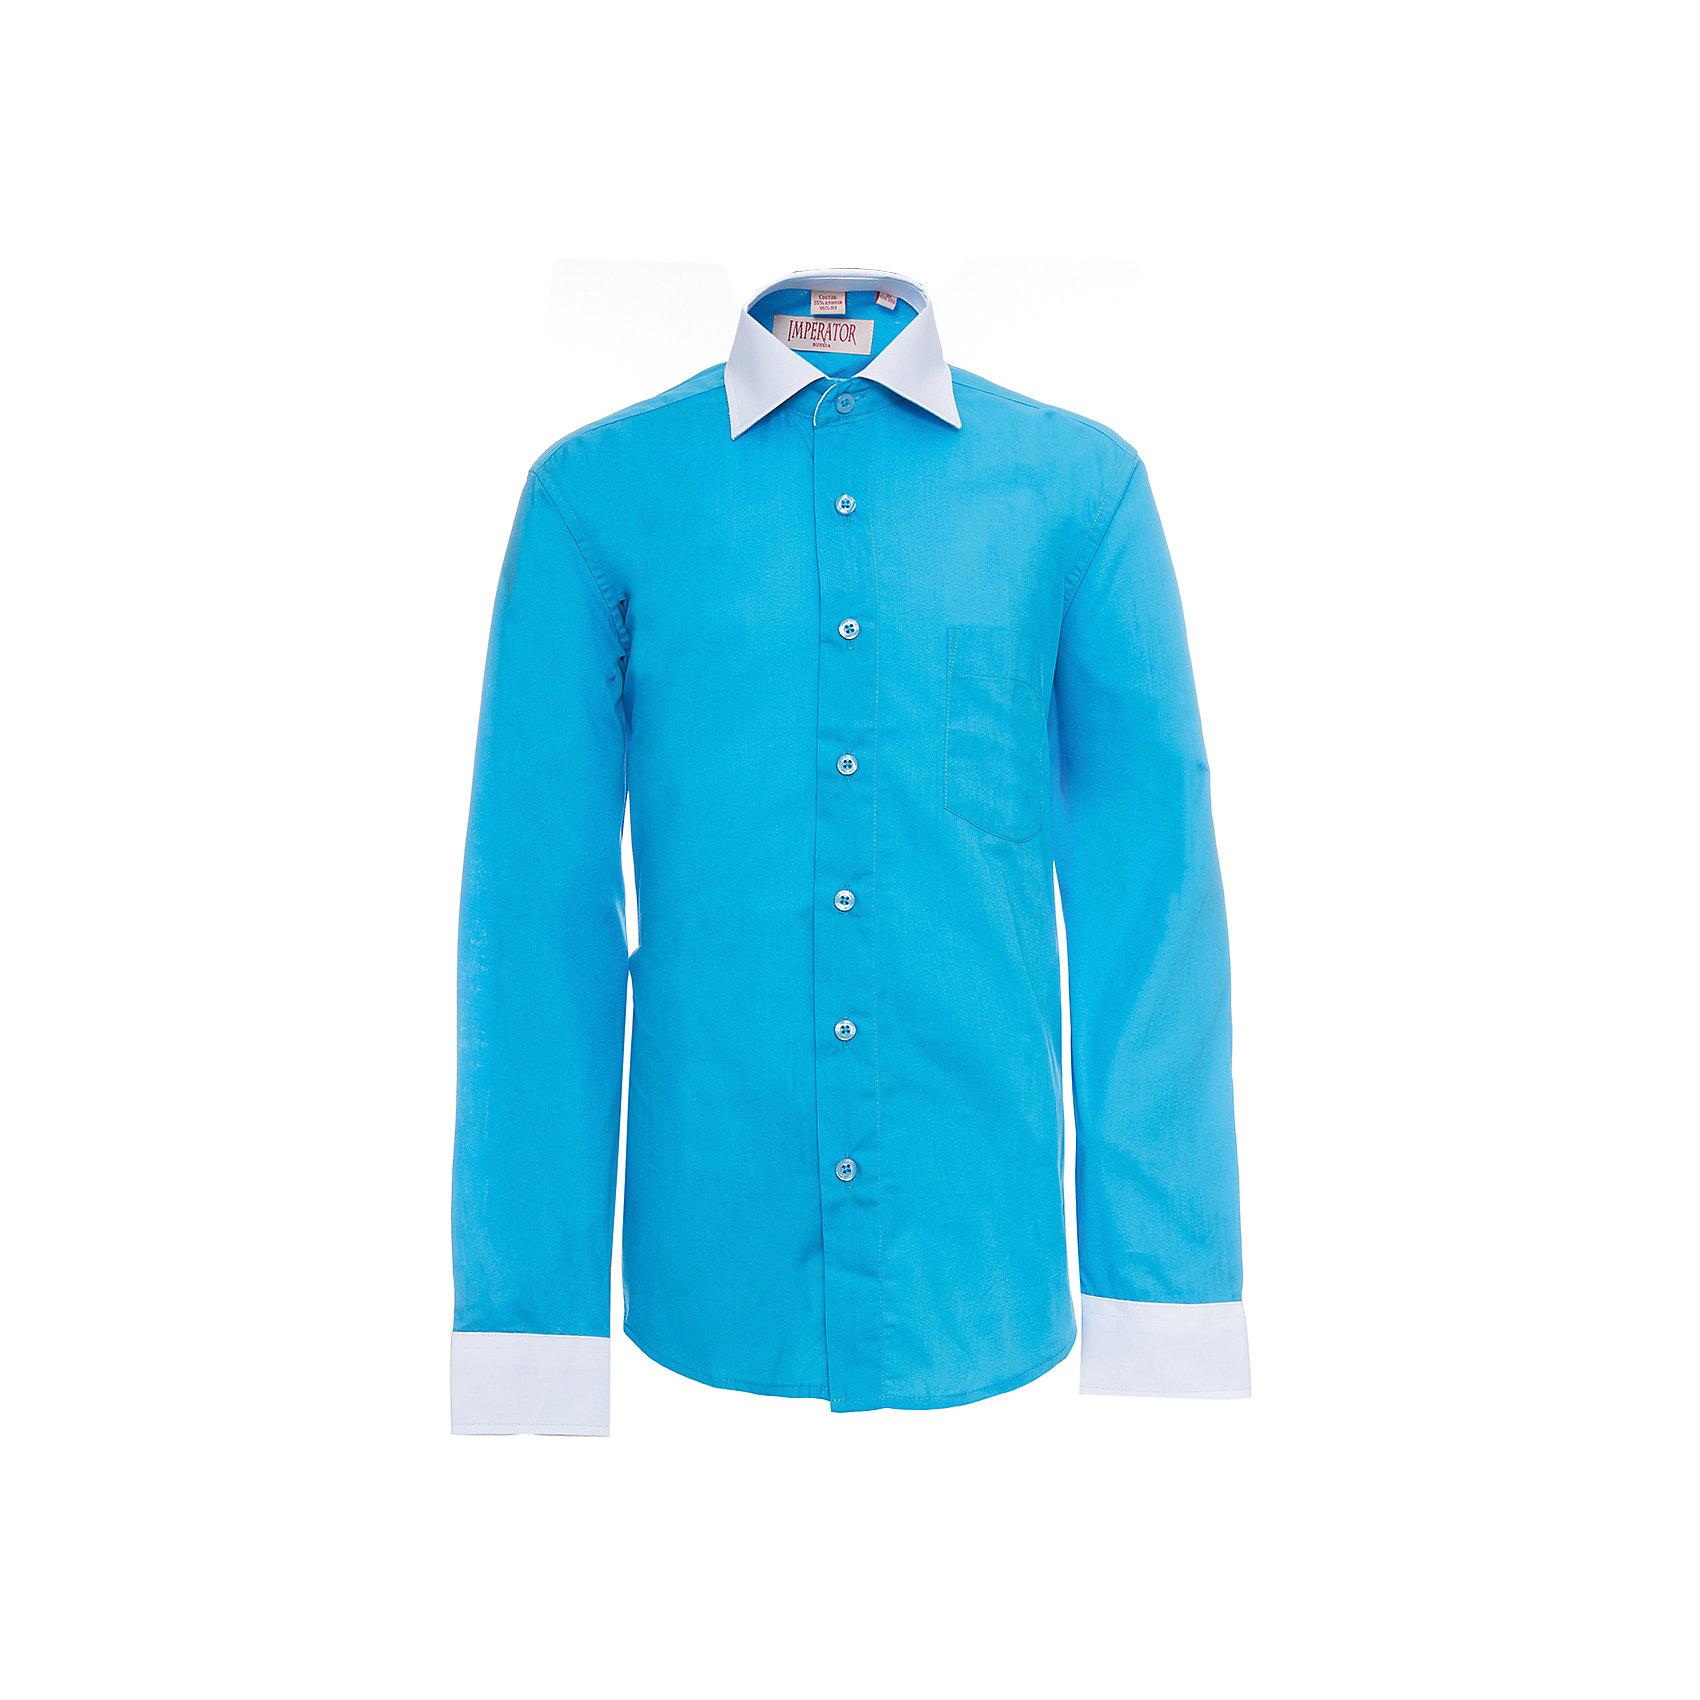 Рубашка для мальчика ImperatorБлузки и рубашки<br>Характеристики товара:<br><br>• цвет: бирюзовый<br>• состав ткани: 55% хлопок, 45% полиэстер<br>• особенности: школьная, праздничная<br>• застежка: пуговицы<br>• рукава: длинные<br>• сезон: круглый год<br>• страна бренда: Российская Федерация<br>• страна изготовитель: Китай<br><br>Классическая сорочка для мальчика - отличный вариант практичной и стильной школьной одежды.<br><br>Накладной карман, свободный покрой, дышащая ткань с преобладанием хлопка - красиво и удобно.<br><br>Рубашку для мальчика Imperator (Император) можно купить в нашем интернет-магазине.<br><br>Ширина мм: 174<br>Глубина мм: 10<br>Высота мм: 169<br>Вес г: 157<br>Цвет: голубой<br>Возраст от месяцев: 156<br>Возраст до месяцев: 168<br>Пол: Мужской<br>Возраст: Детский<br>Размер: 164/170,122/128,128/134,134/140,140/146,146/152,146/152,152/158,152/158,158/164<br>SKU: 6860831